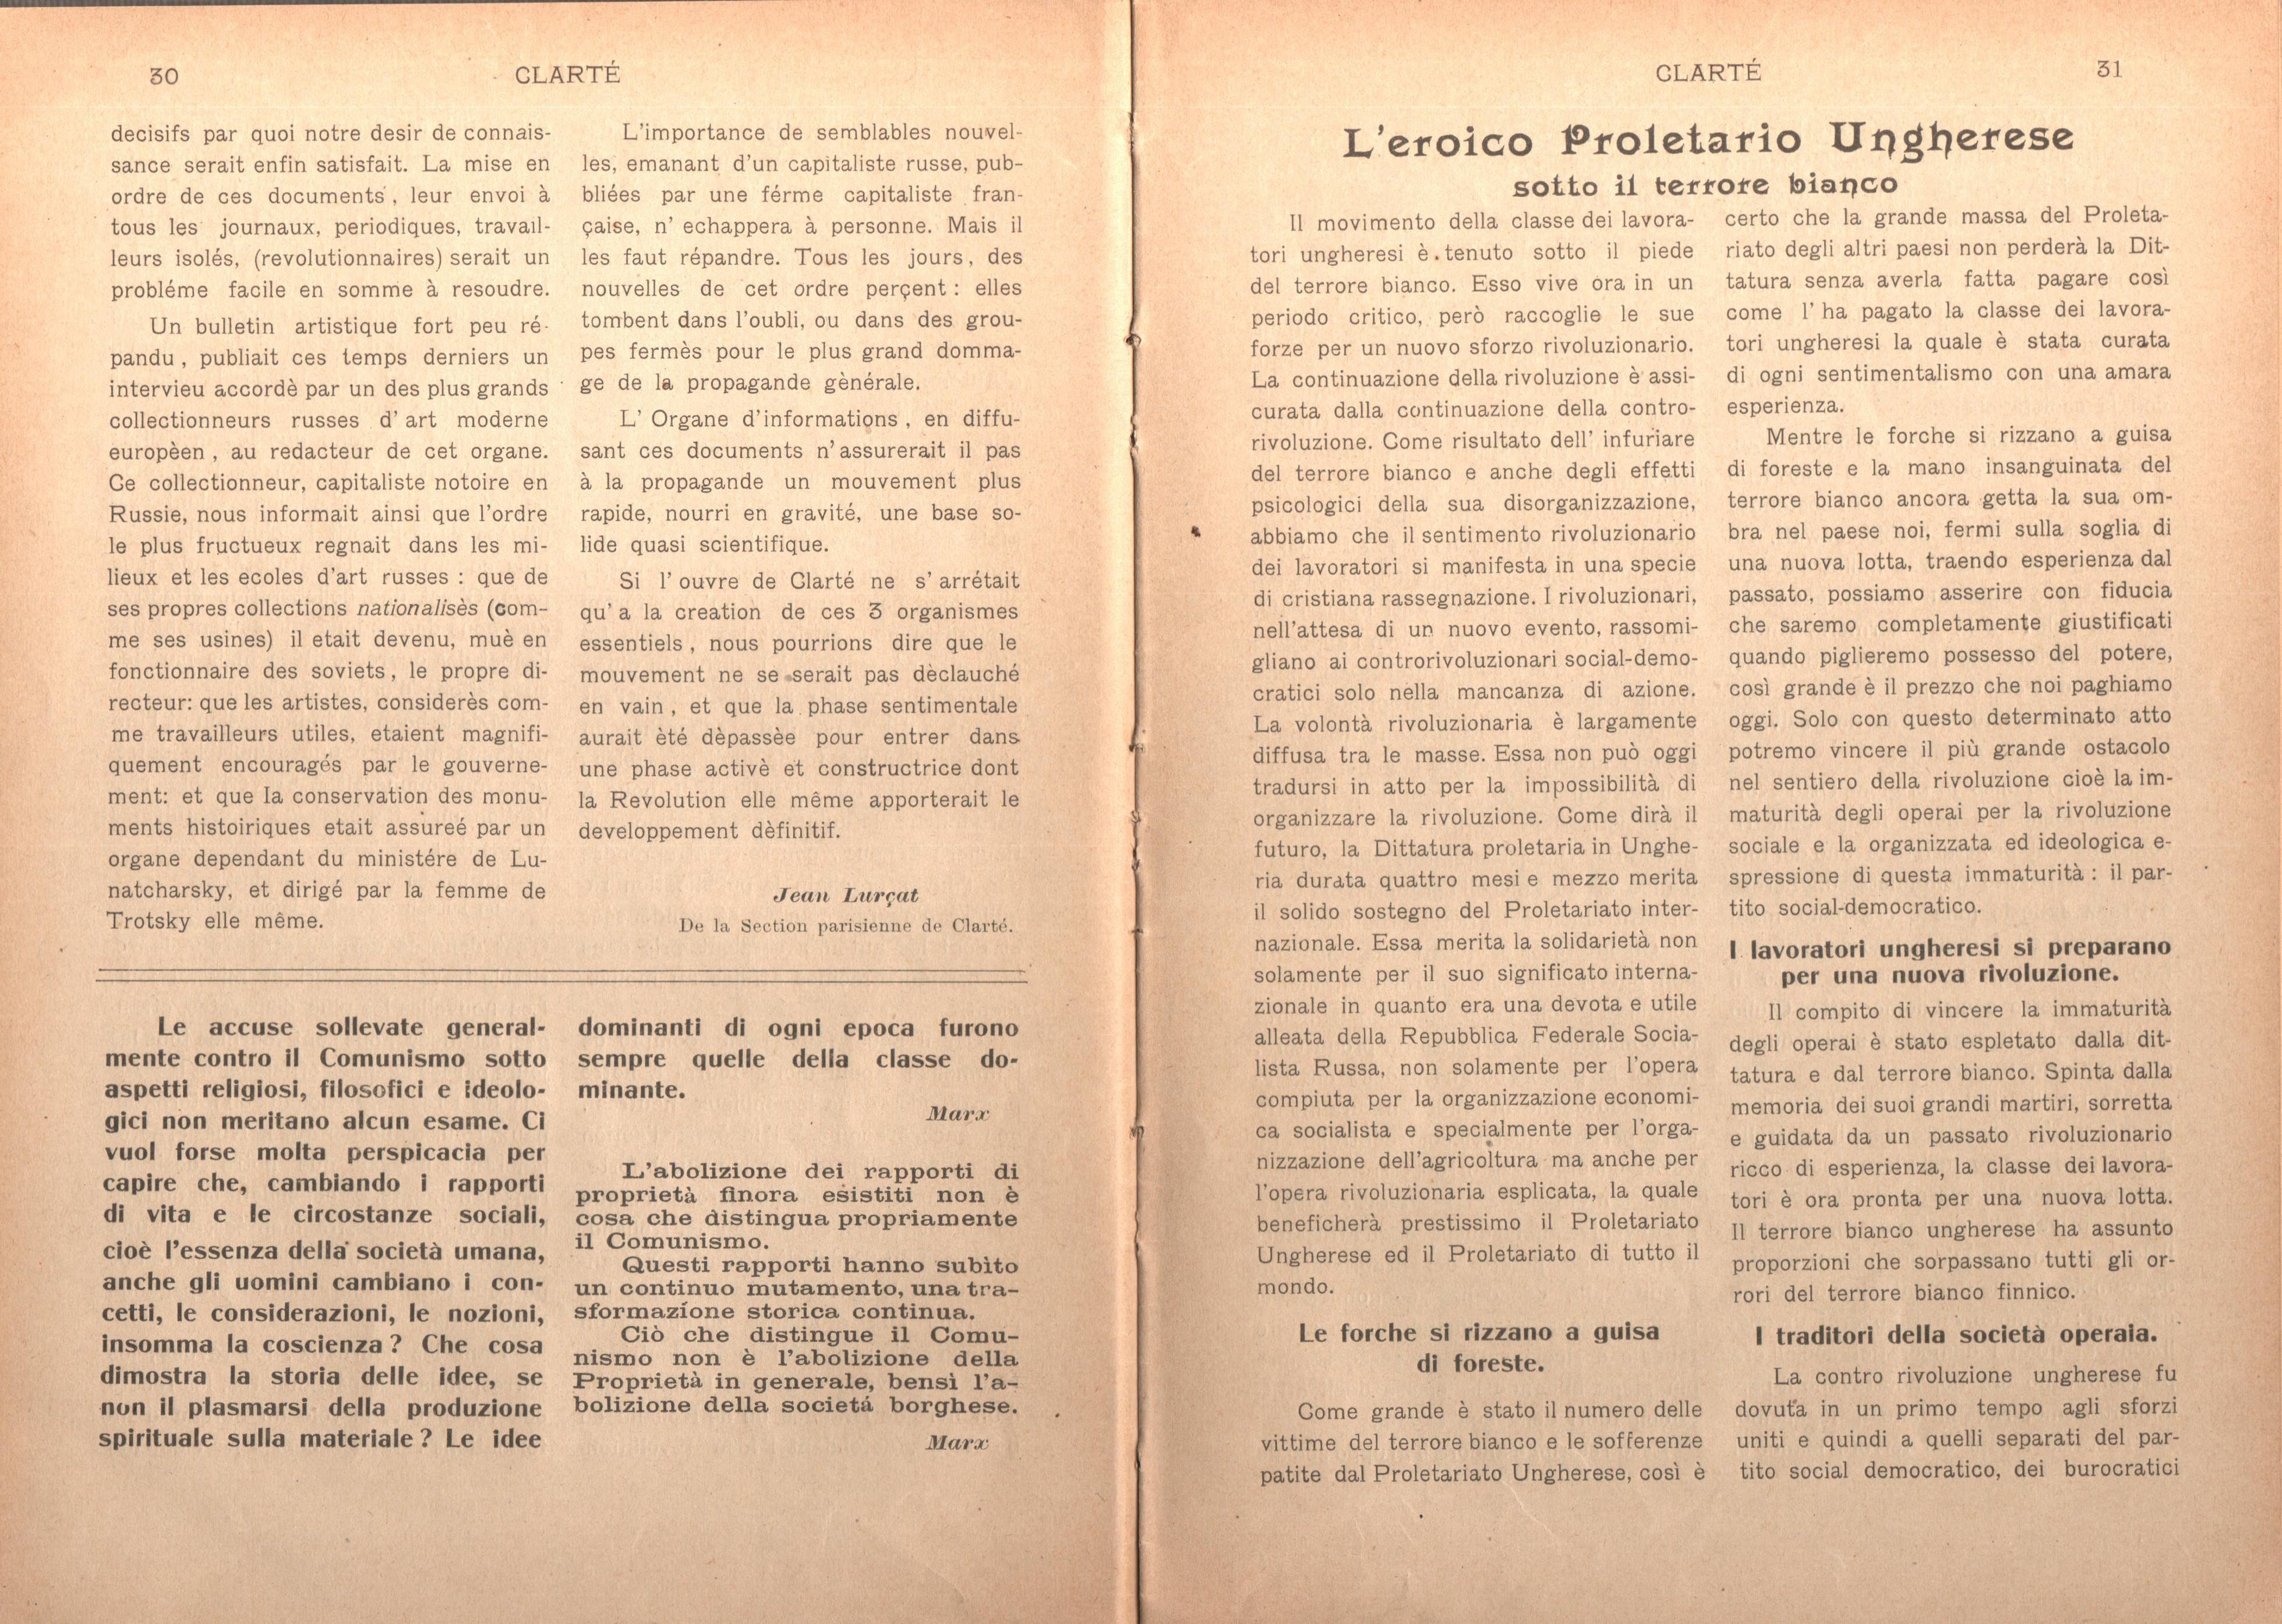 Clarté. Rivista mensile degli studenti comunisti (a. I, n. 2, Palermo, 15 giugno 1920) - pag. 5